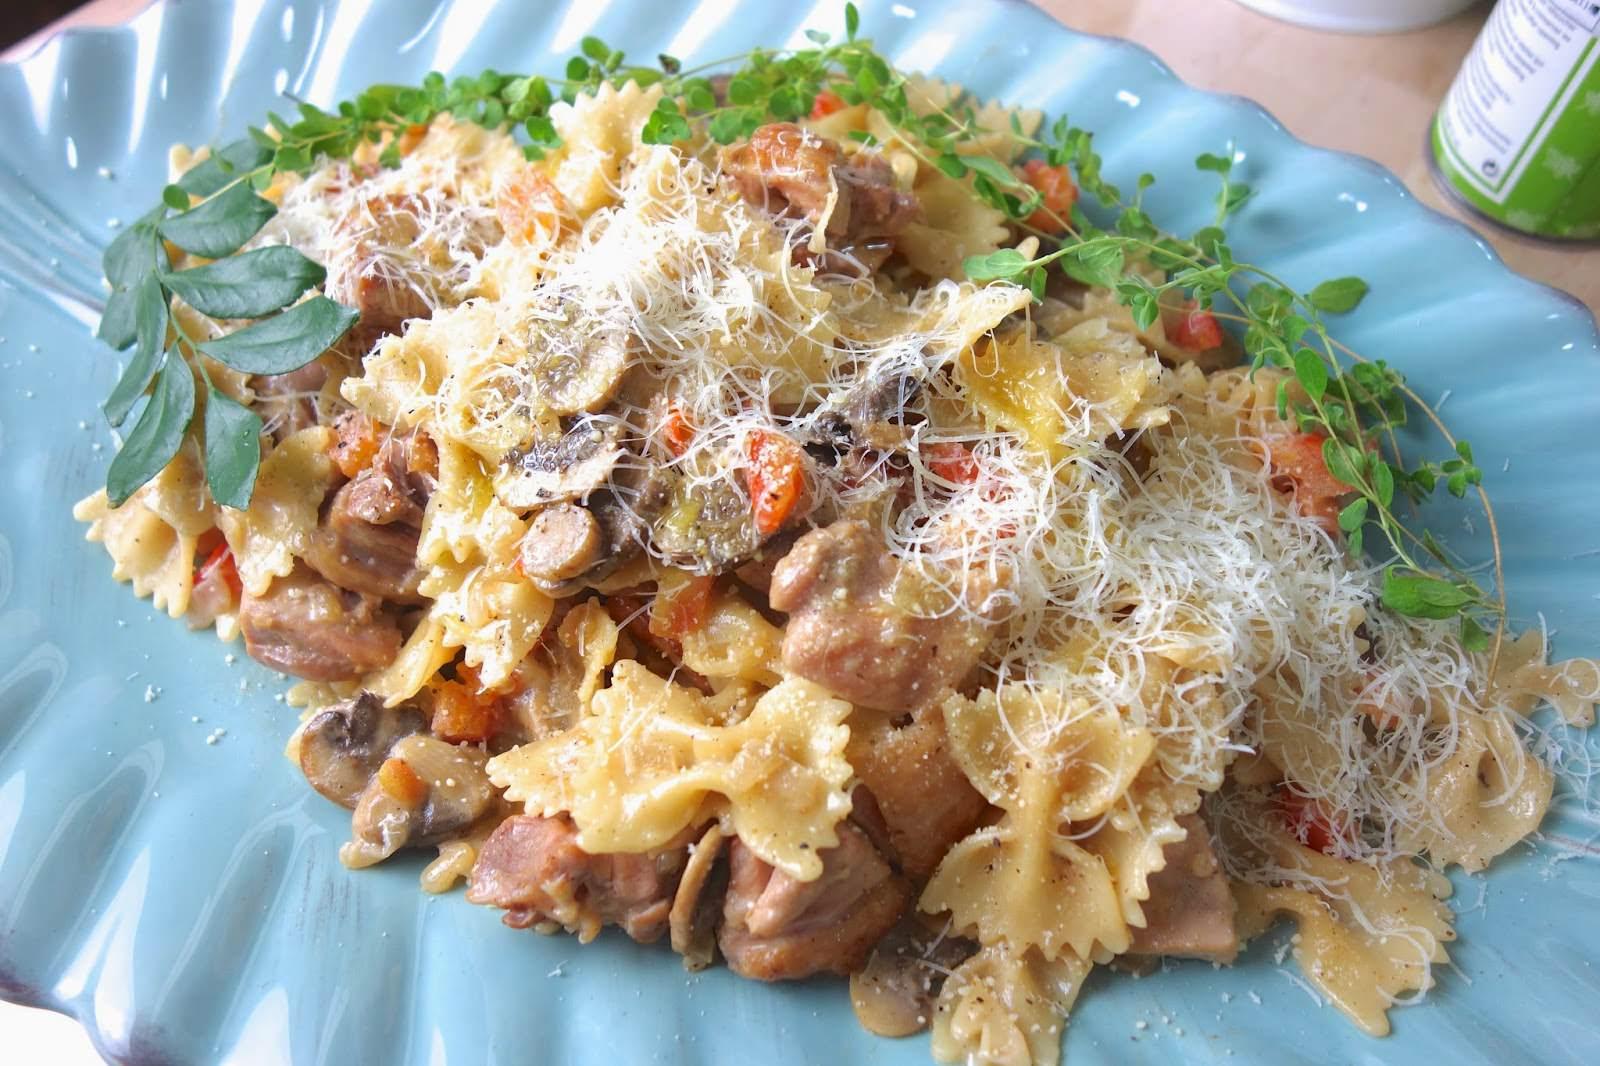 超簡單義式料理!教你煮出廚師級的「白醬雞肉蝴蝶義大利麵」,大人小孩都喜歡